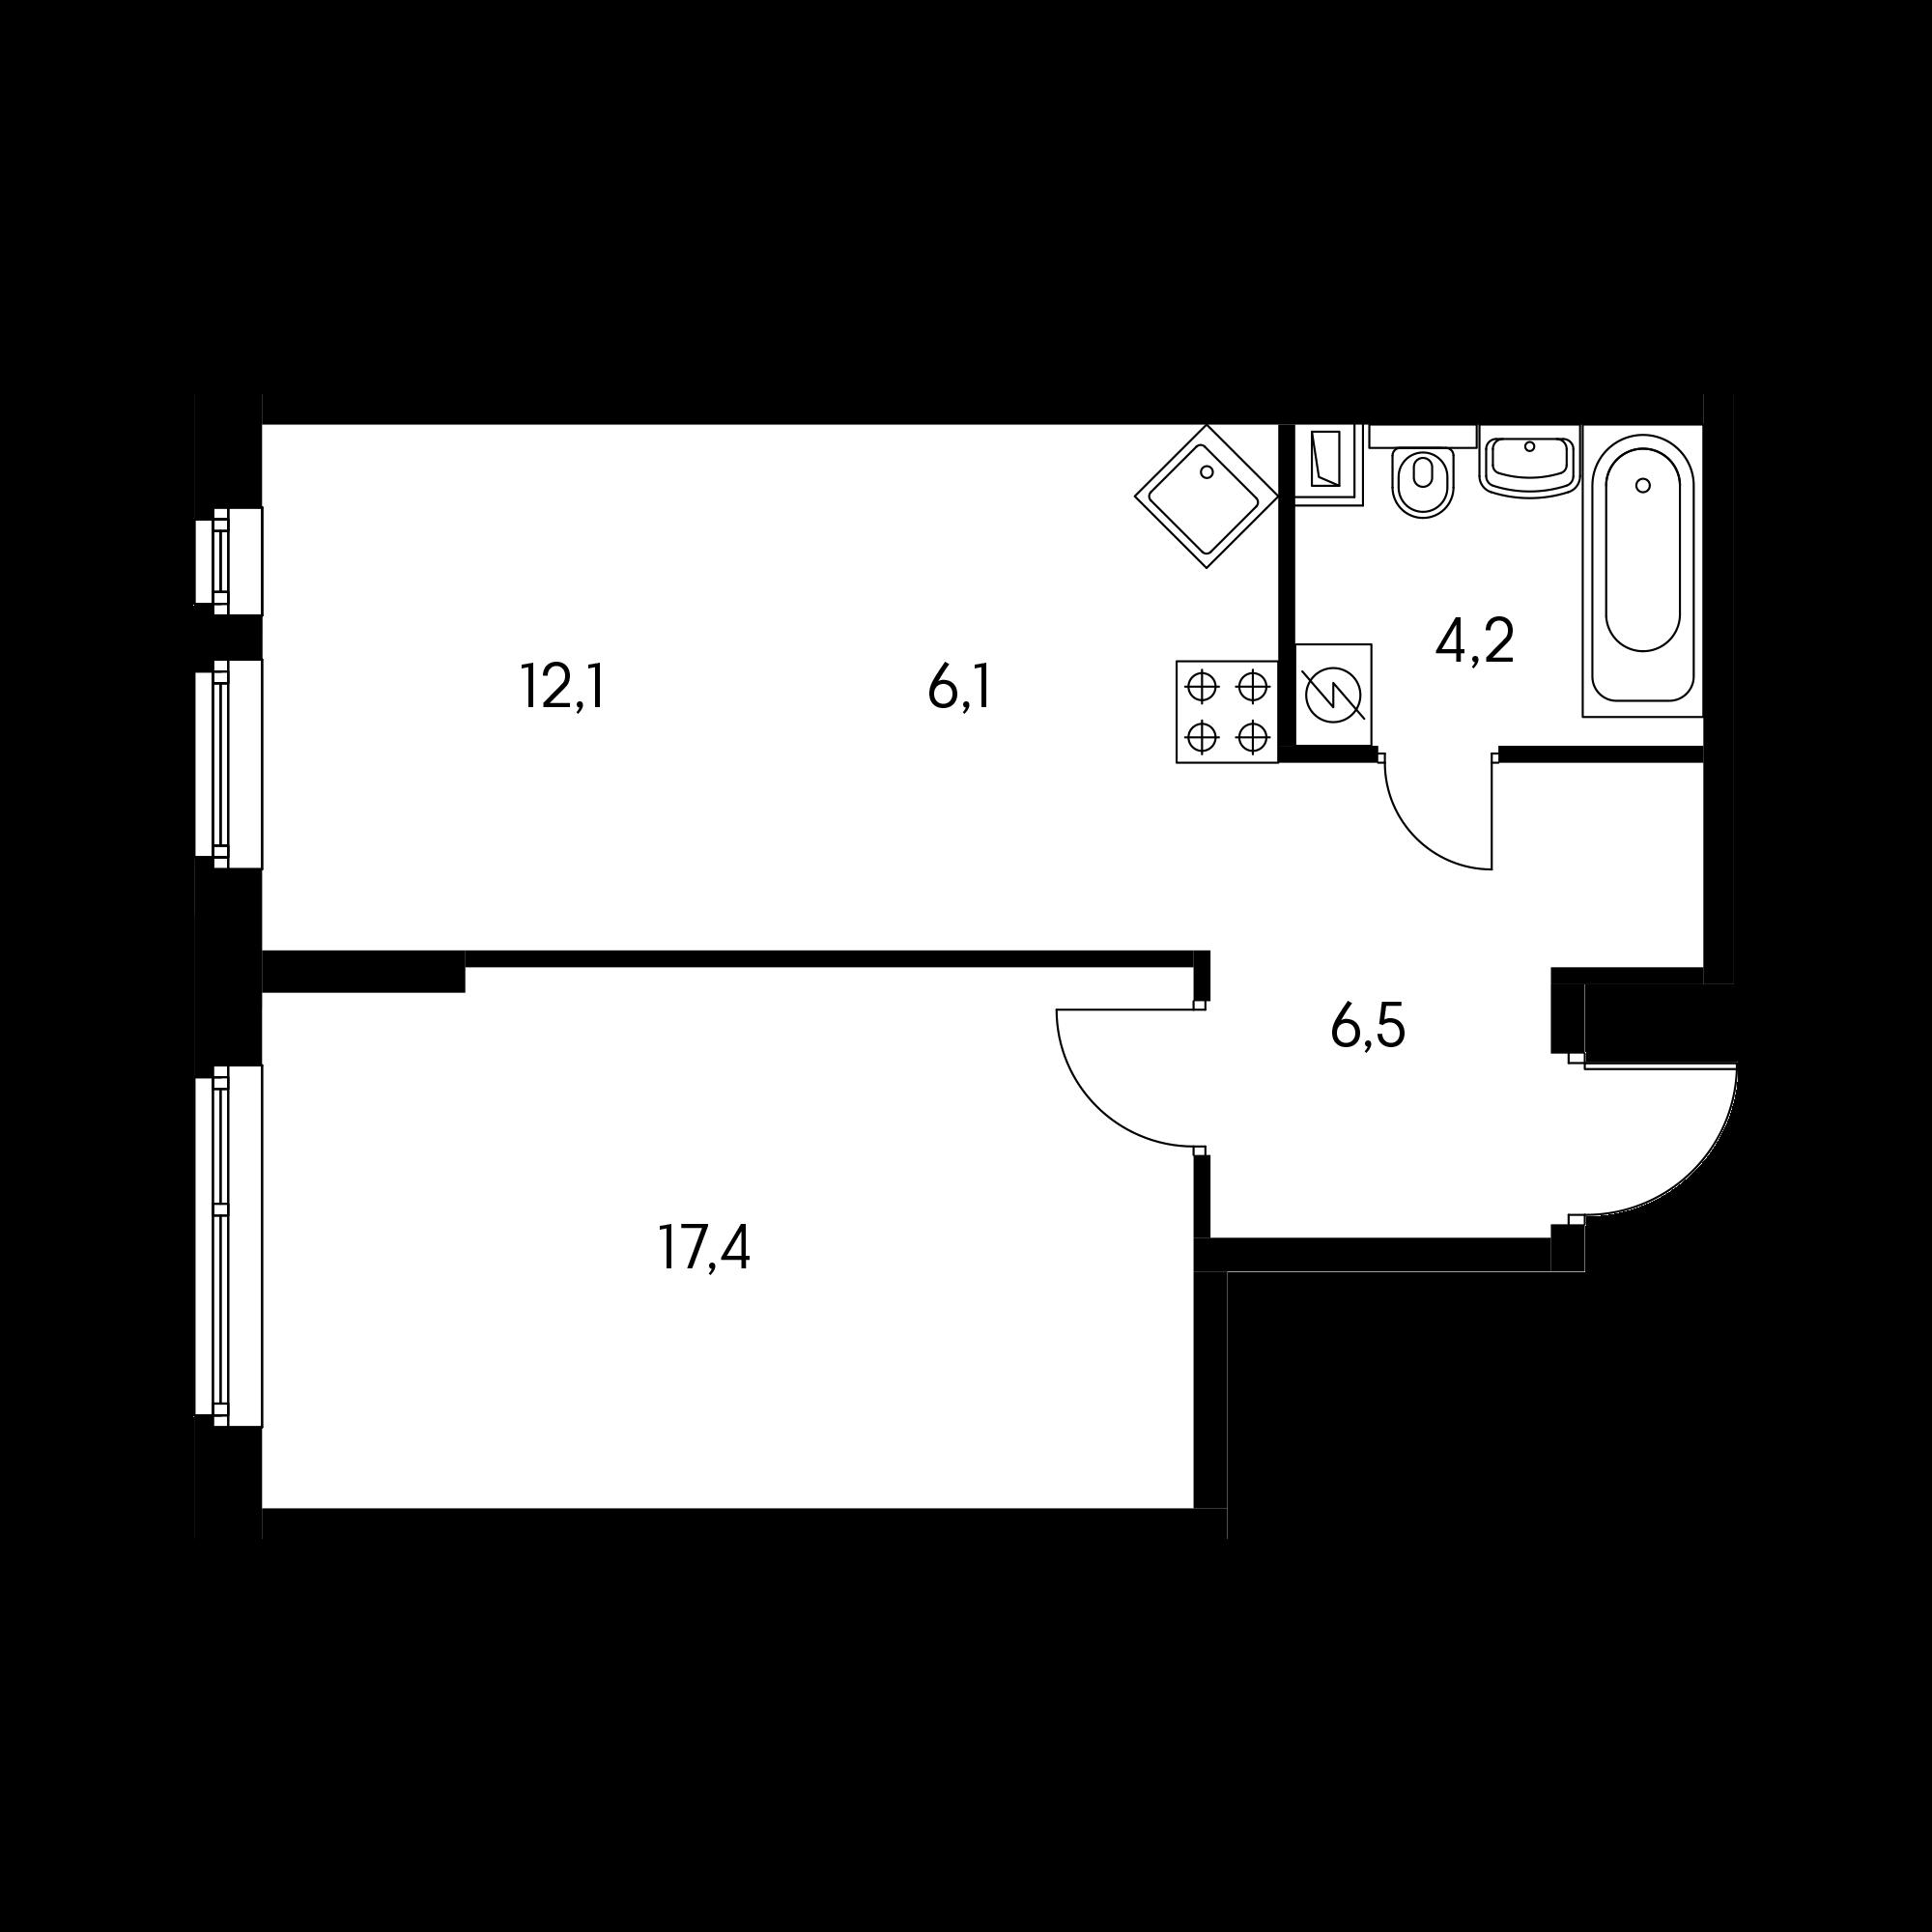 2-комнатная 43.2 м²